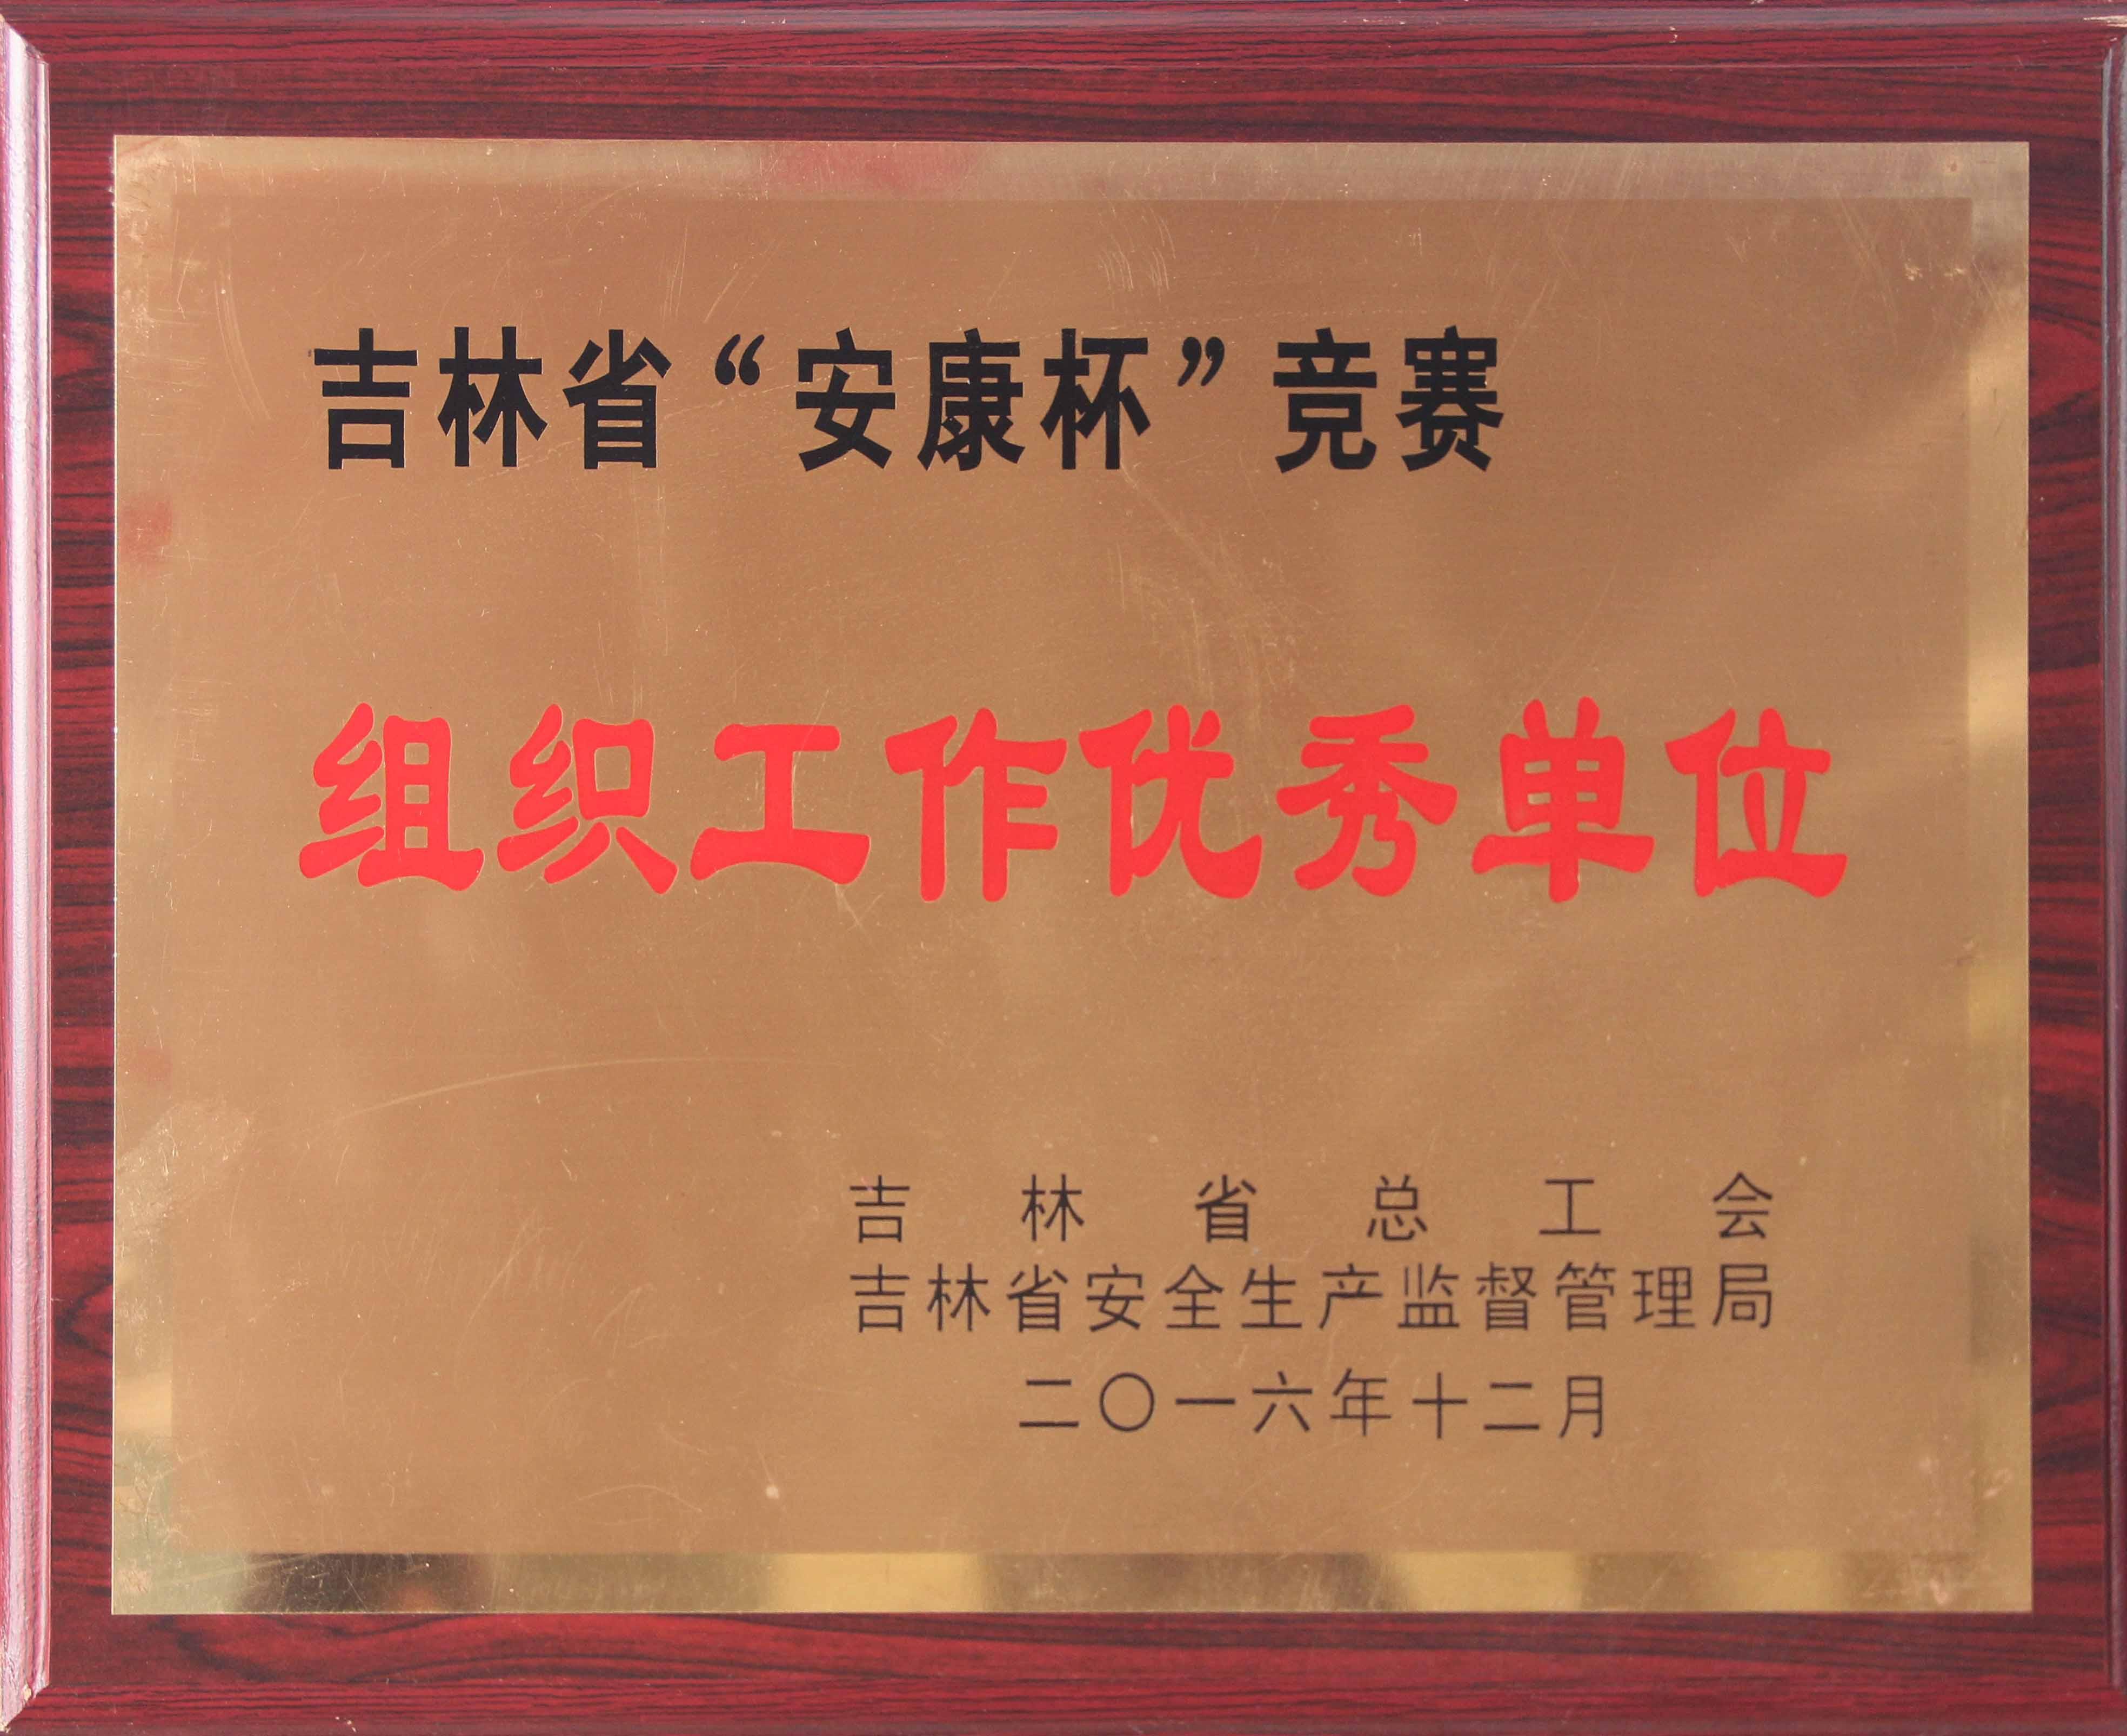 """吉林省""""安康杯""""竞赛  组织工作优秀单位"""